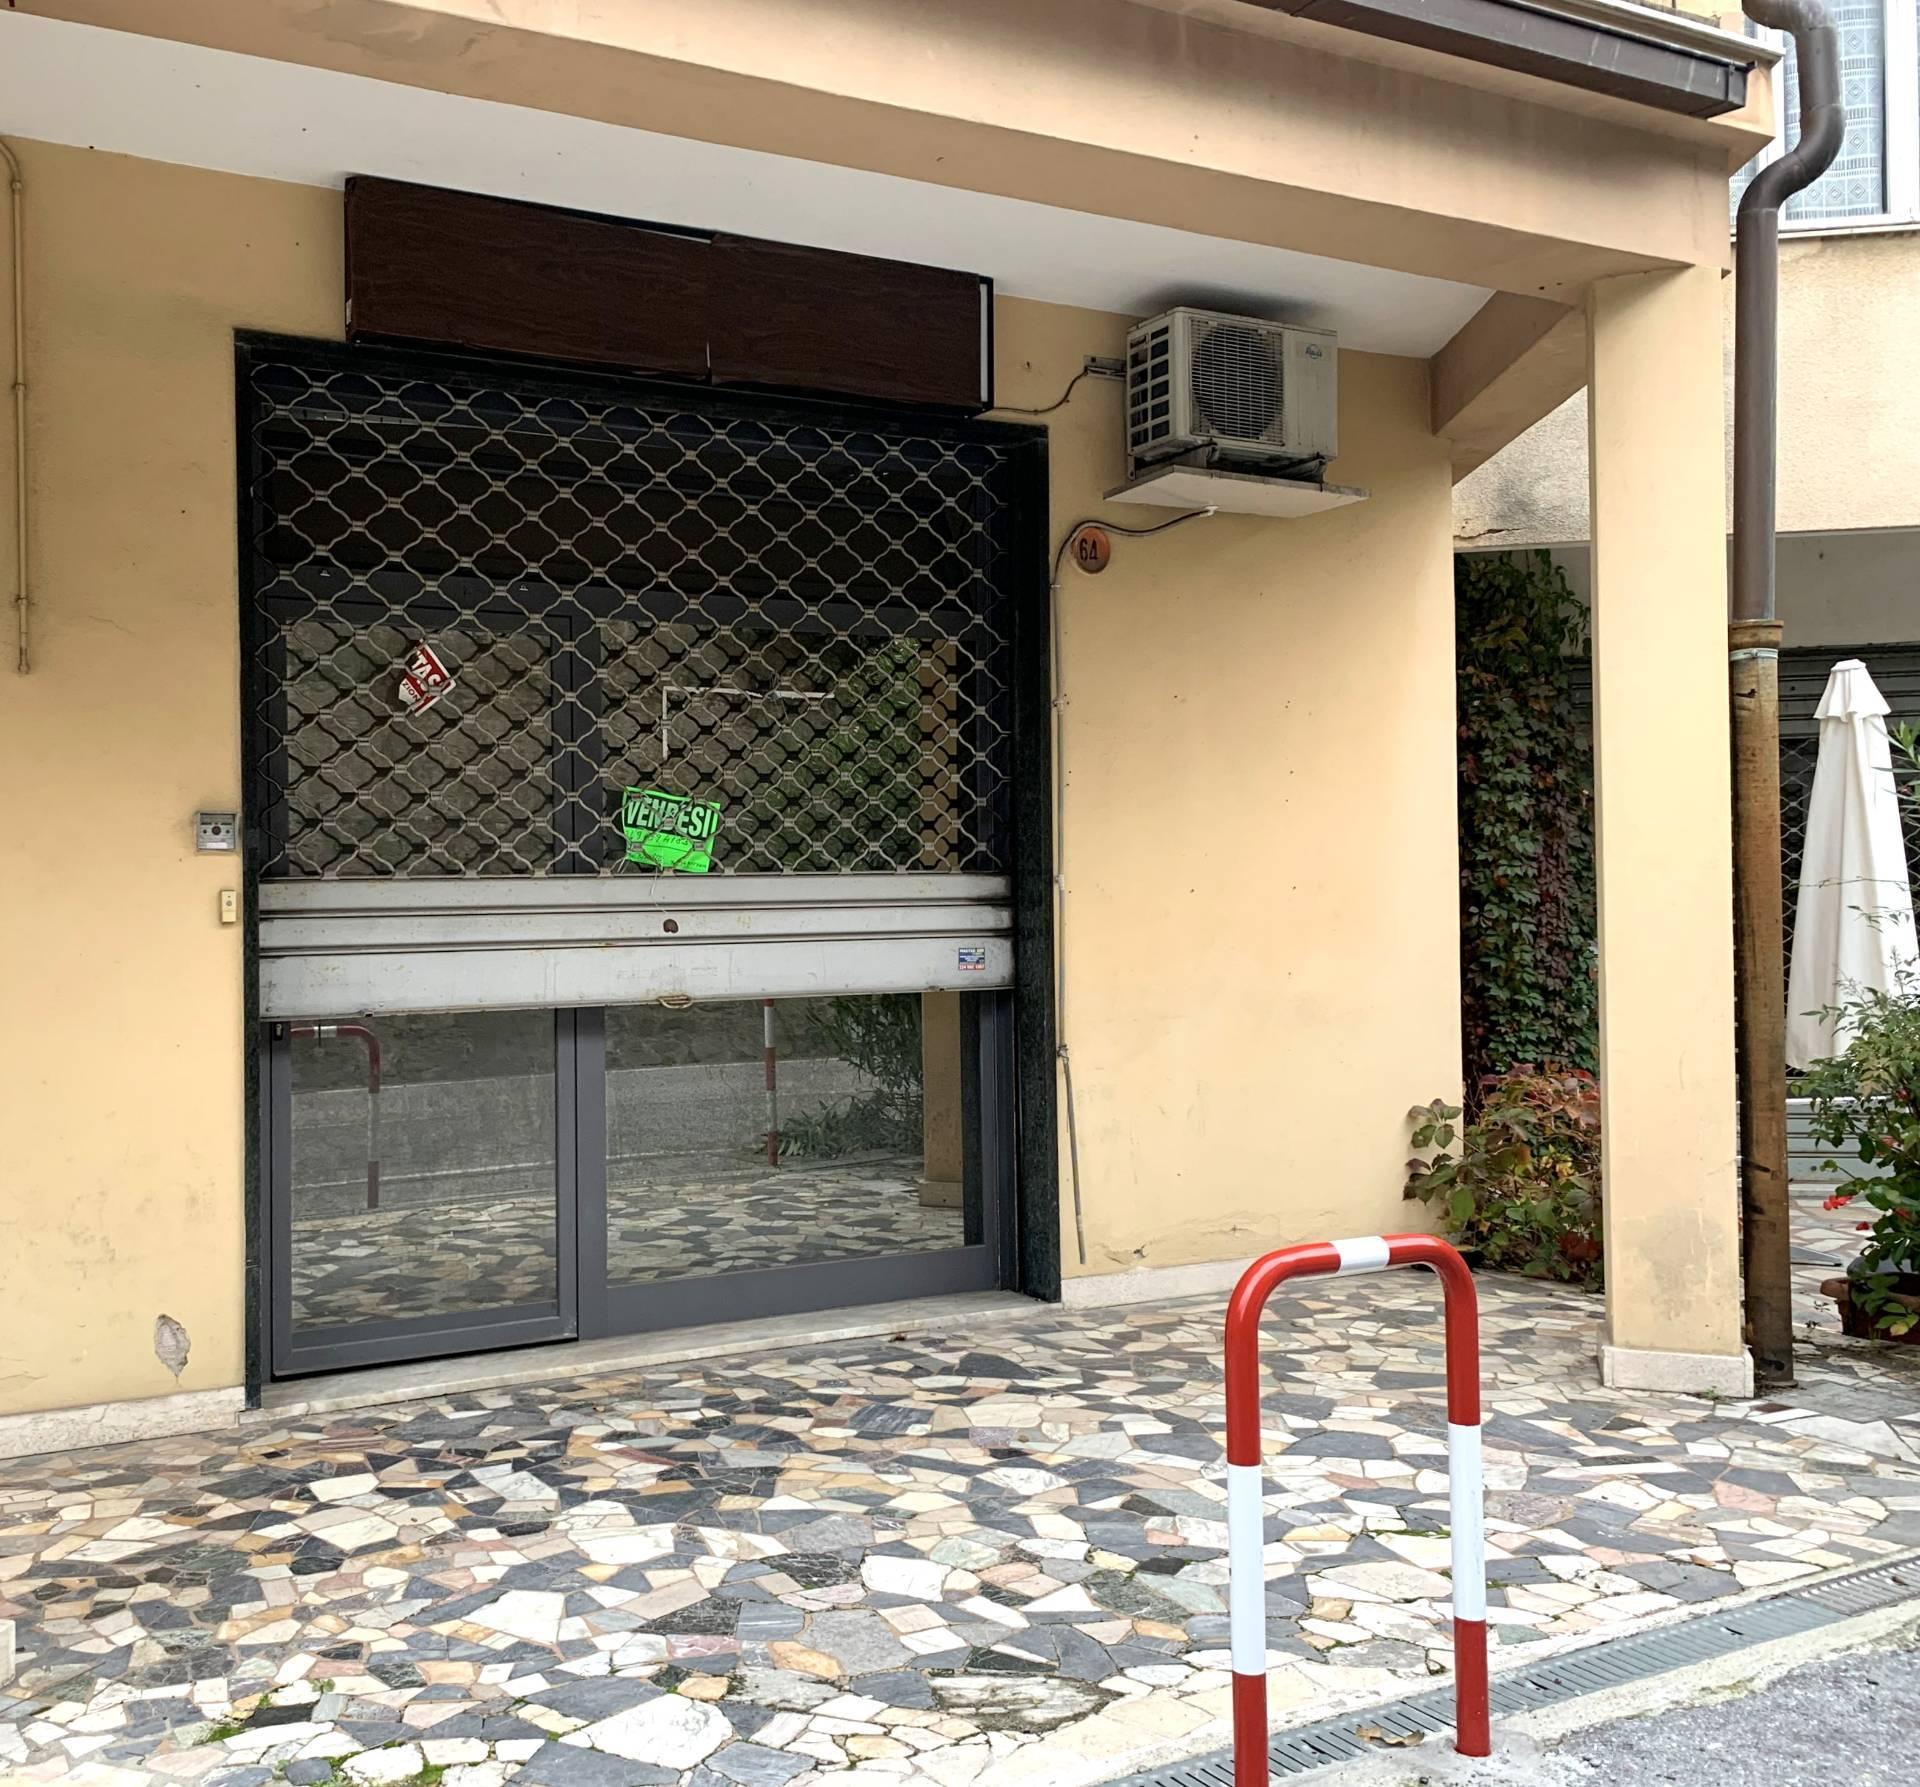 Negozio / Locale in vendita a Albissola Marina, 9999 locali, prezzo € 45.000 | PortaleAgenzieImmobiliari.it